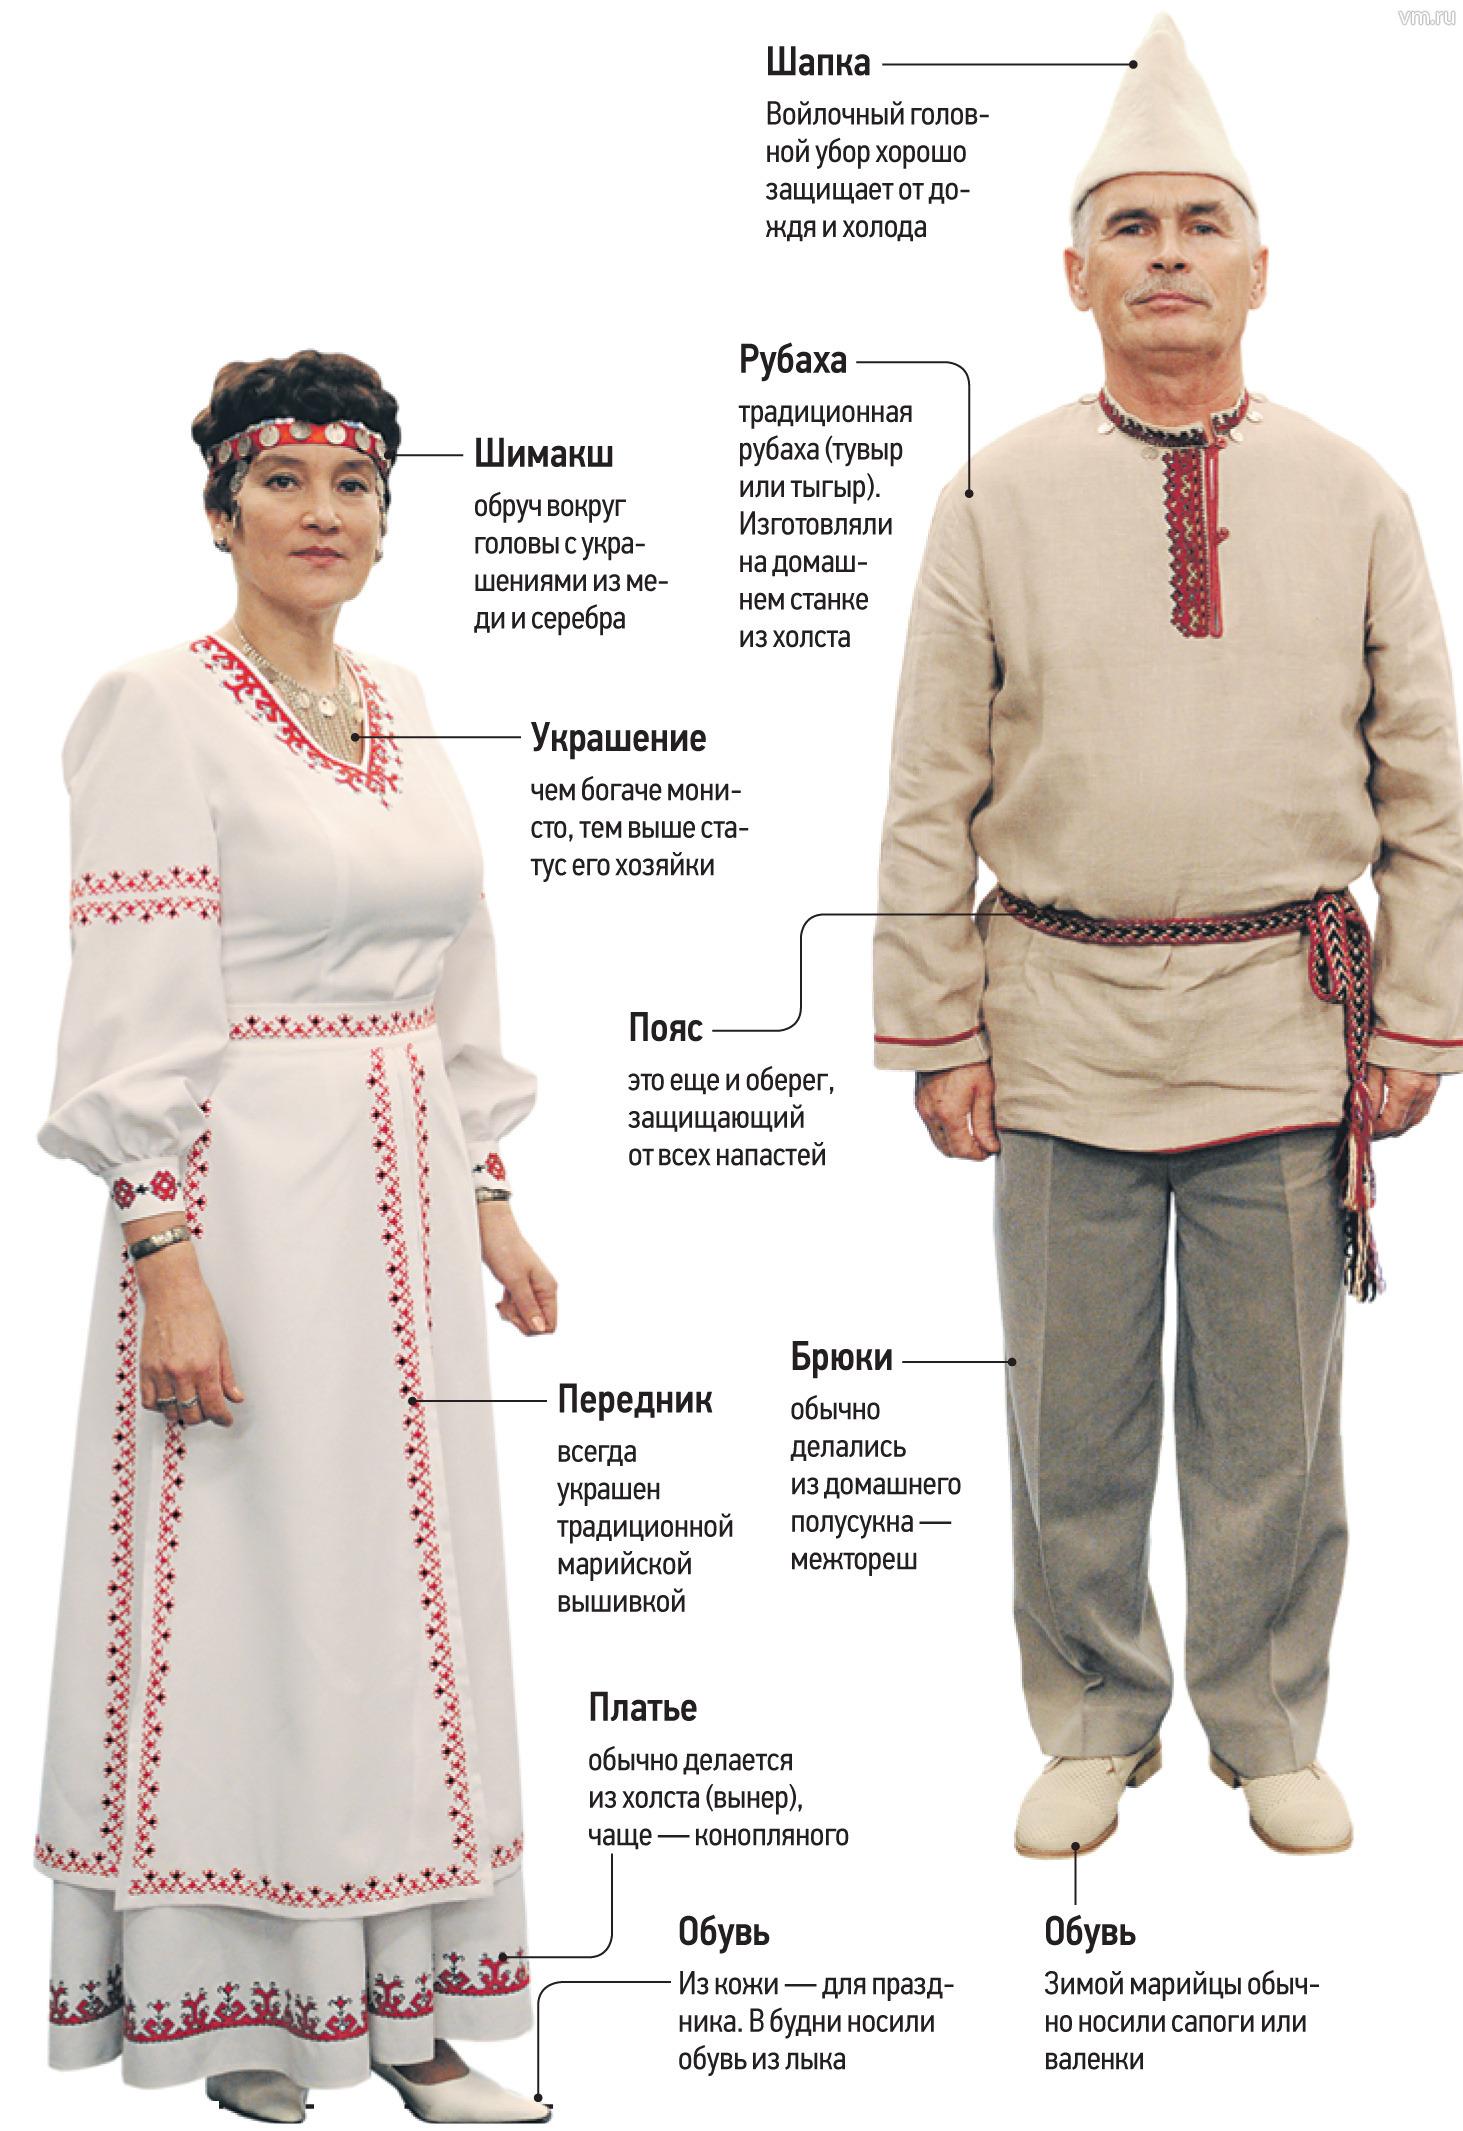 Одежда марийцев